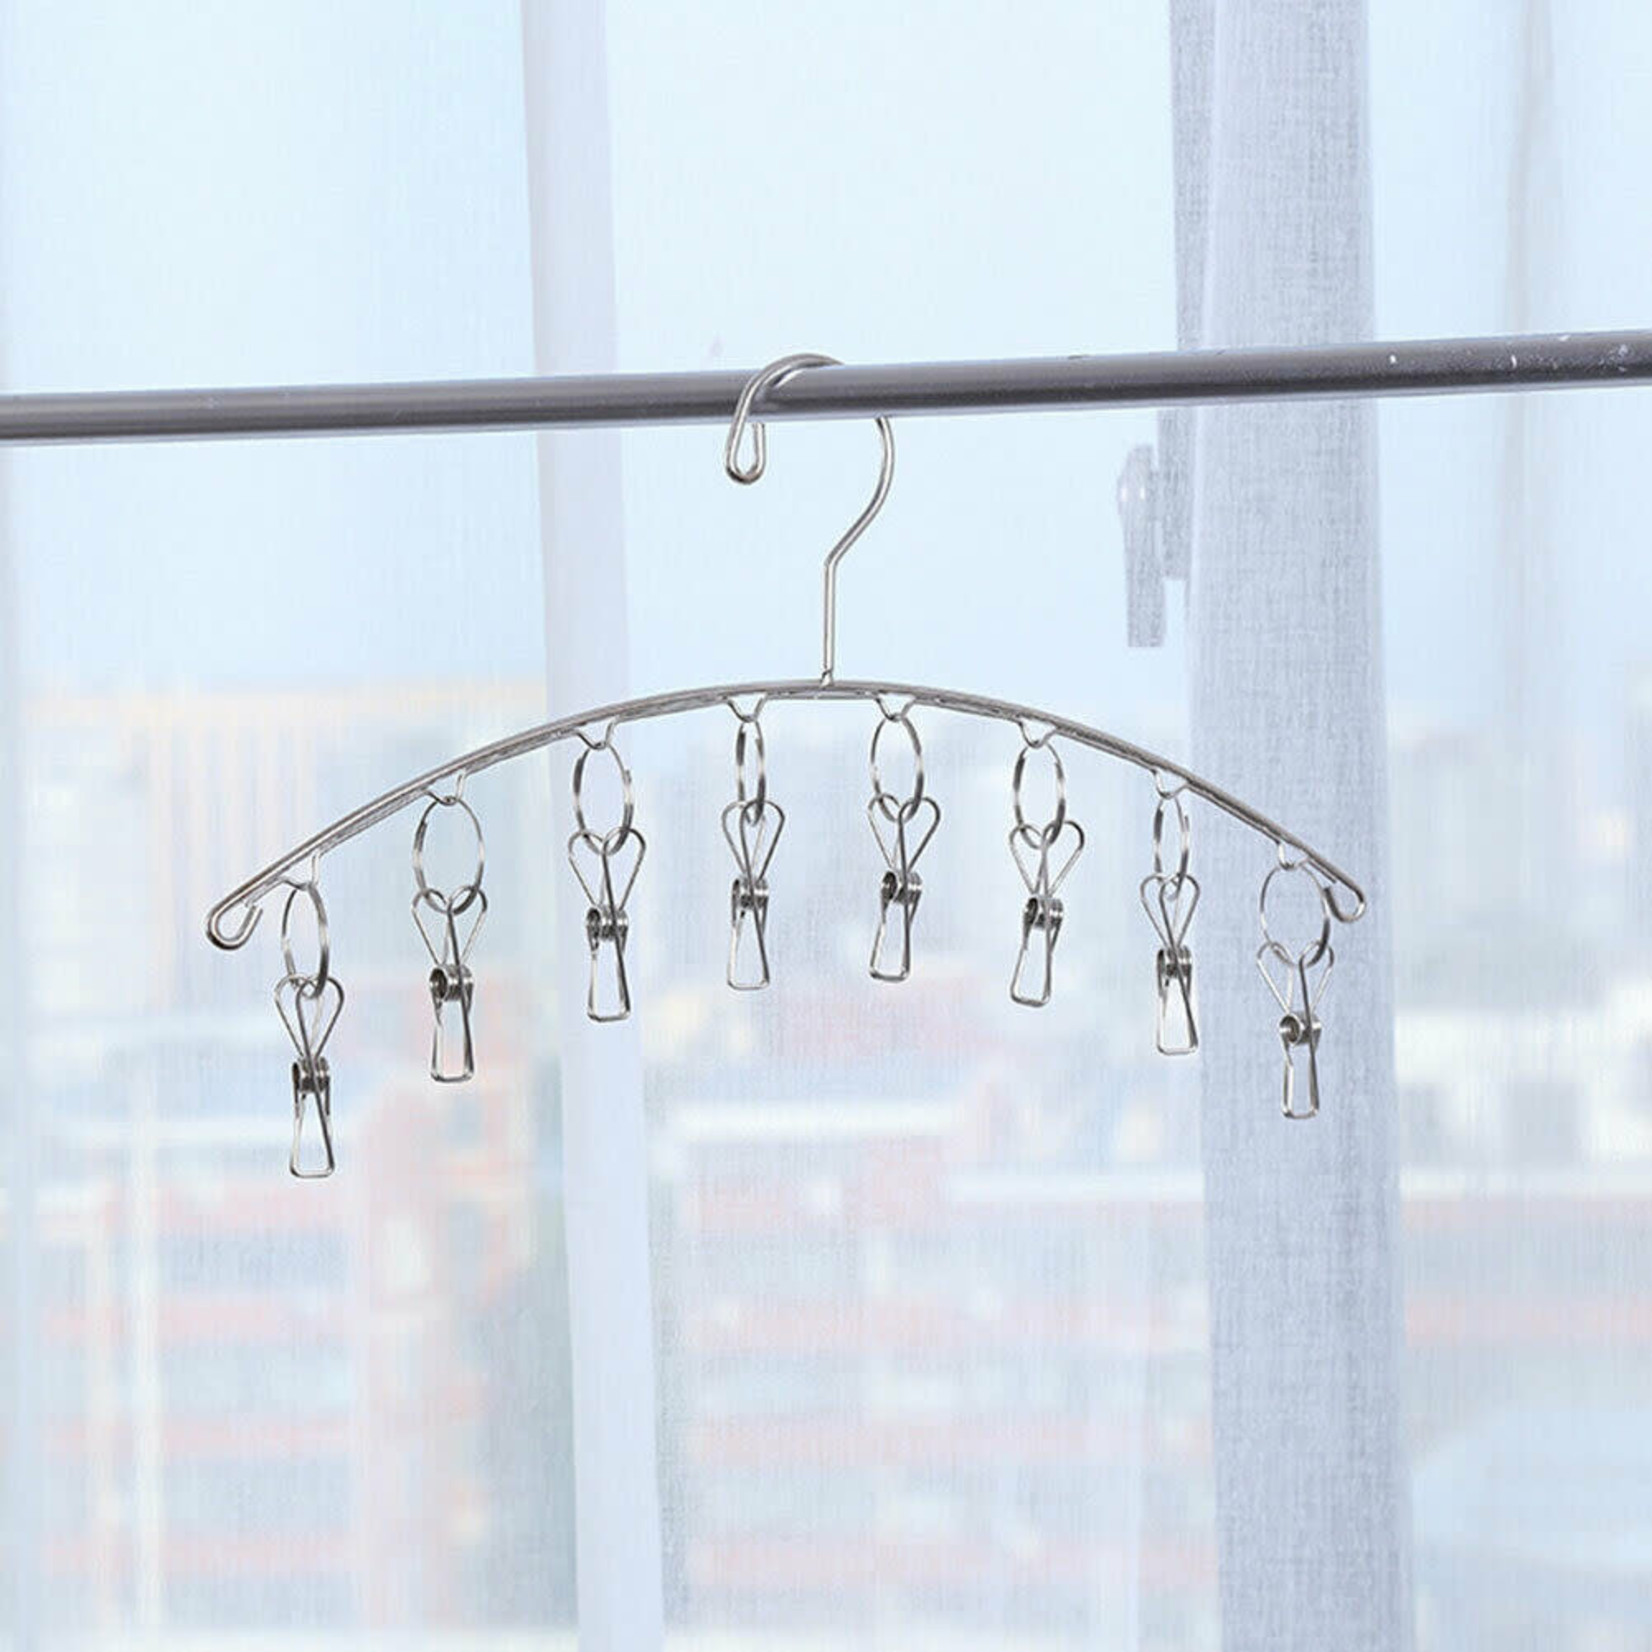 Eco Revolution Stainless Steel Sock Hanger 8 Pegs